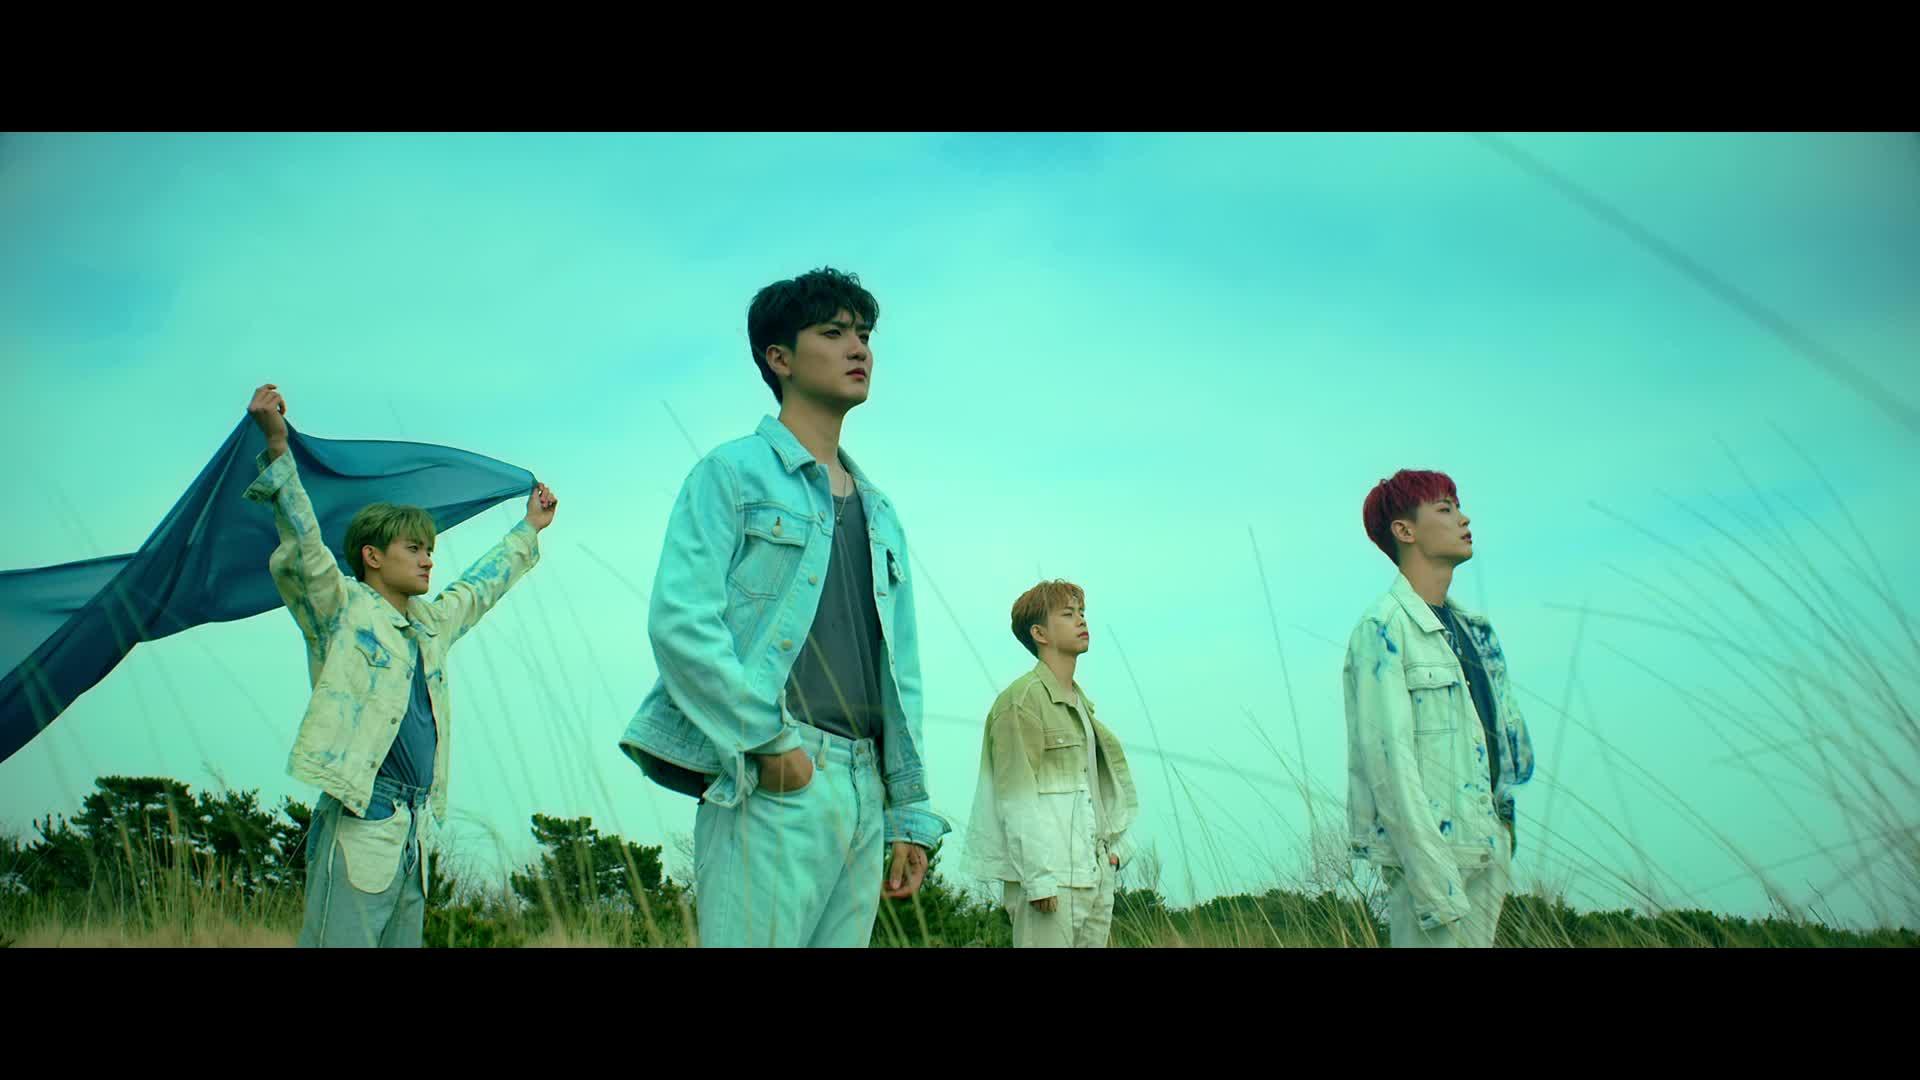 [MV] LUCY - 개화(Flowering)